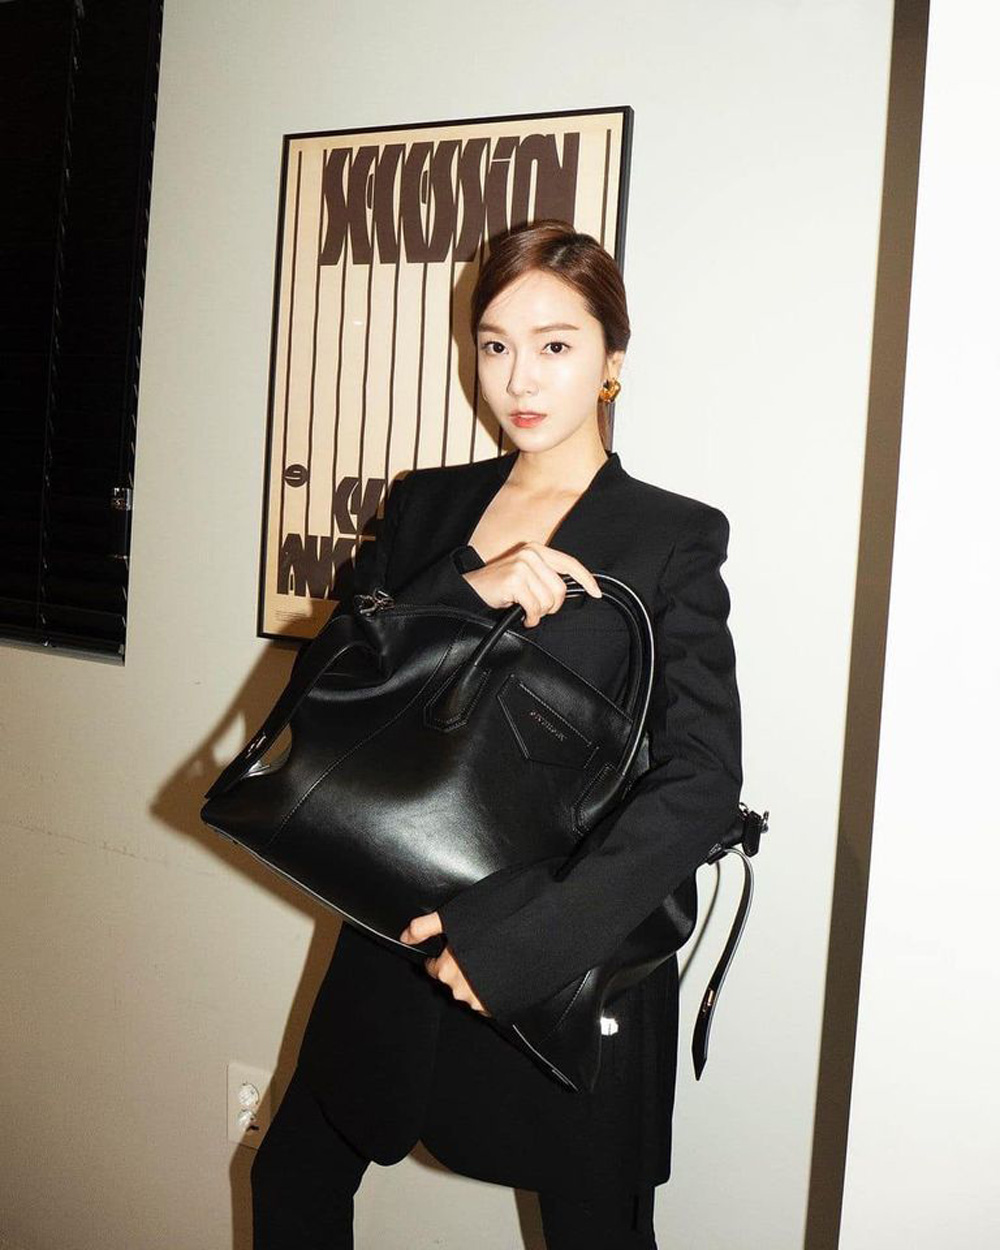 BLANC & ECLARE của Jessica Jung đạt doanh thu 441 tỷ đồng năm 2019 1